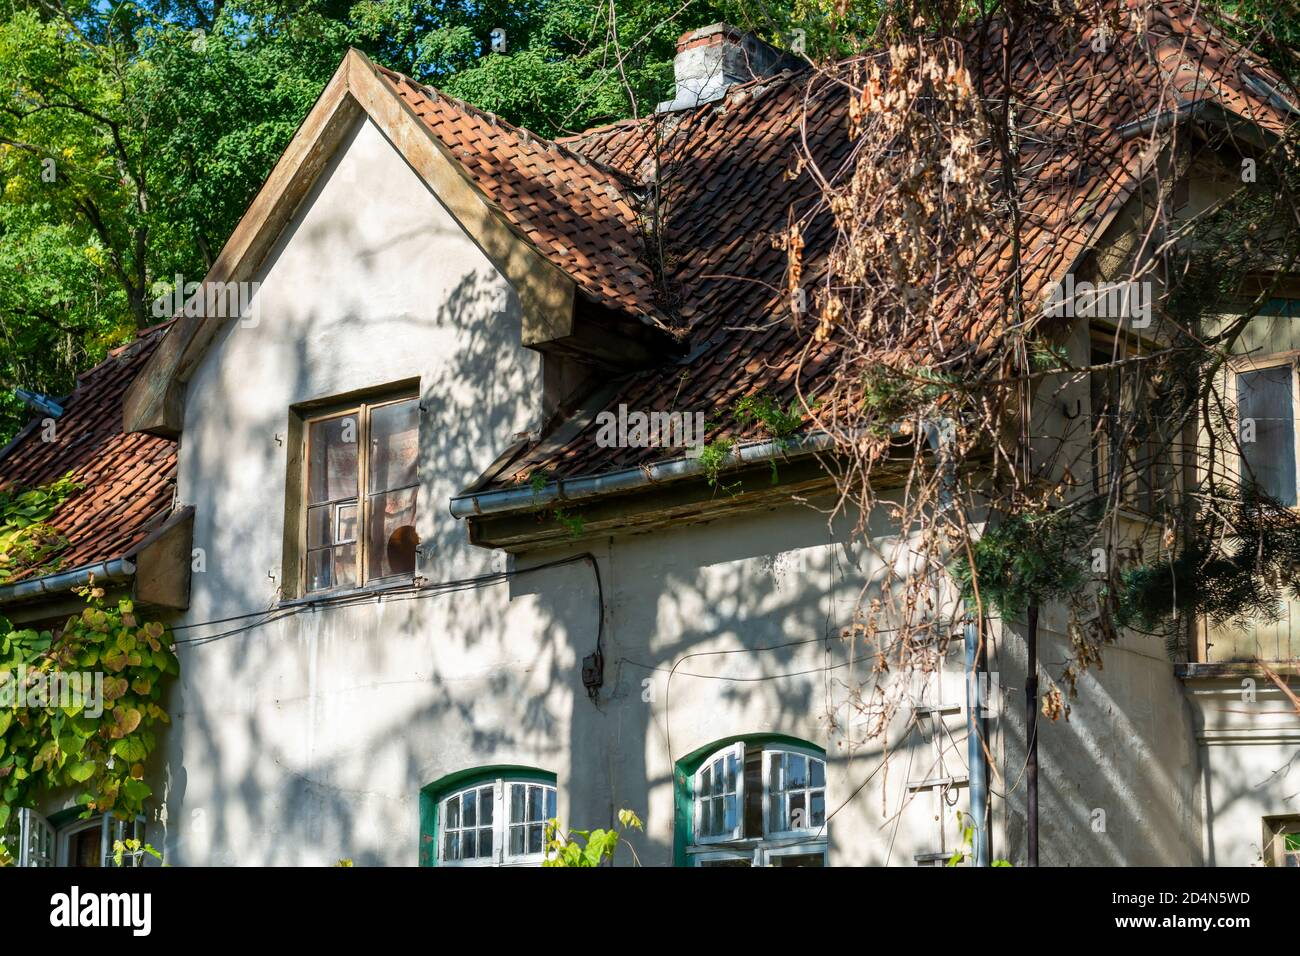 Techo de baldosas de una antigua casa del siglo 19. Ventanas de madera sin restauración en la fachada de una casa de campo en el bosque. Foto de stock